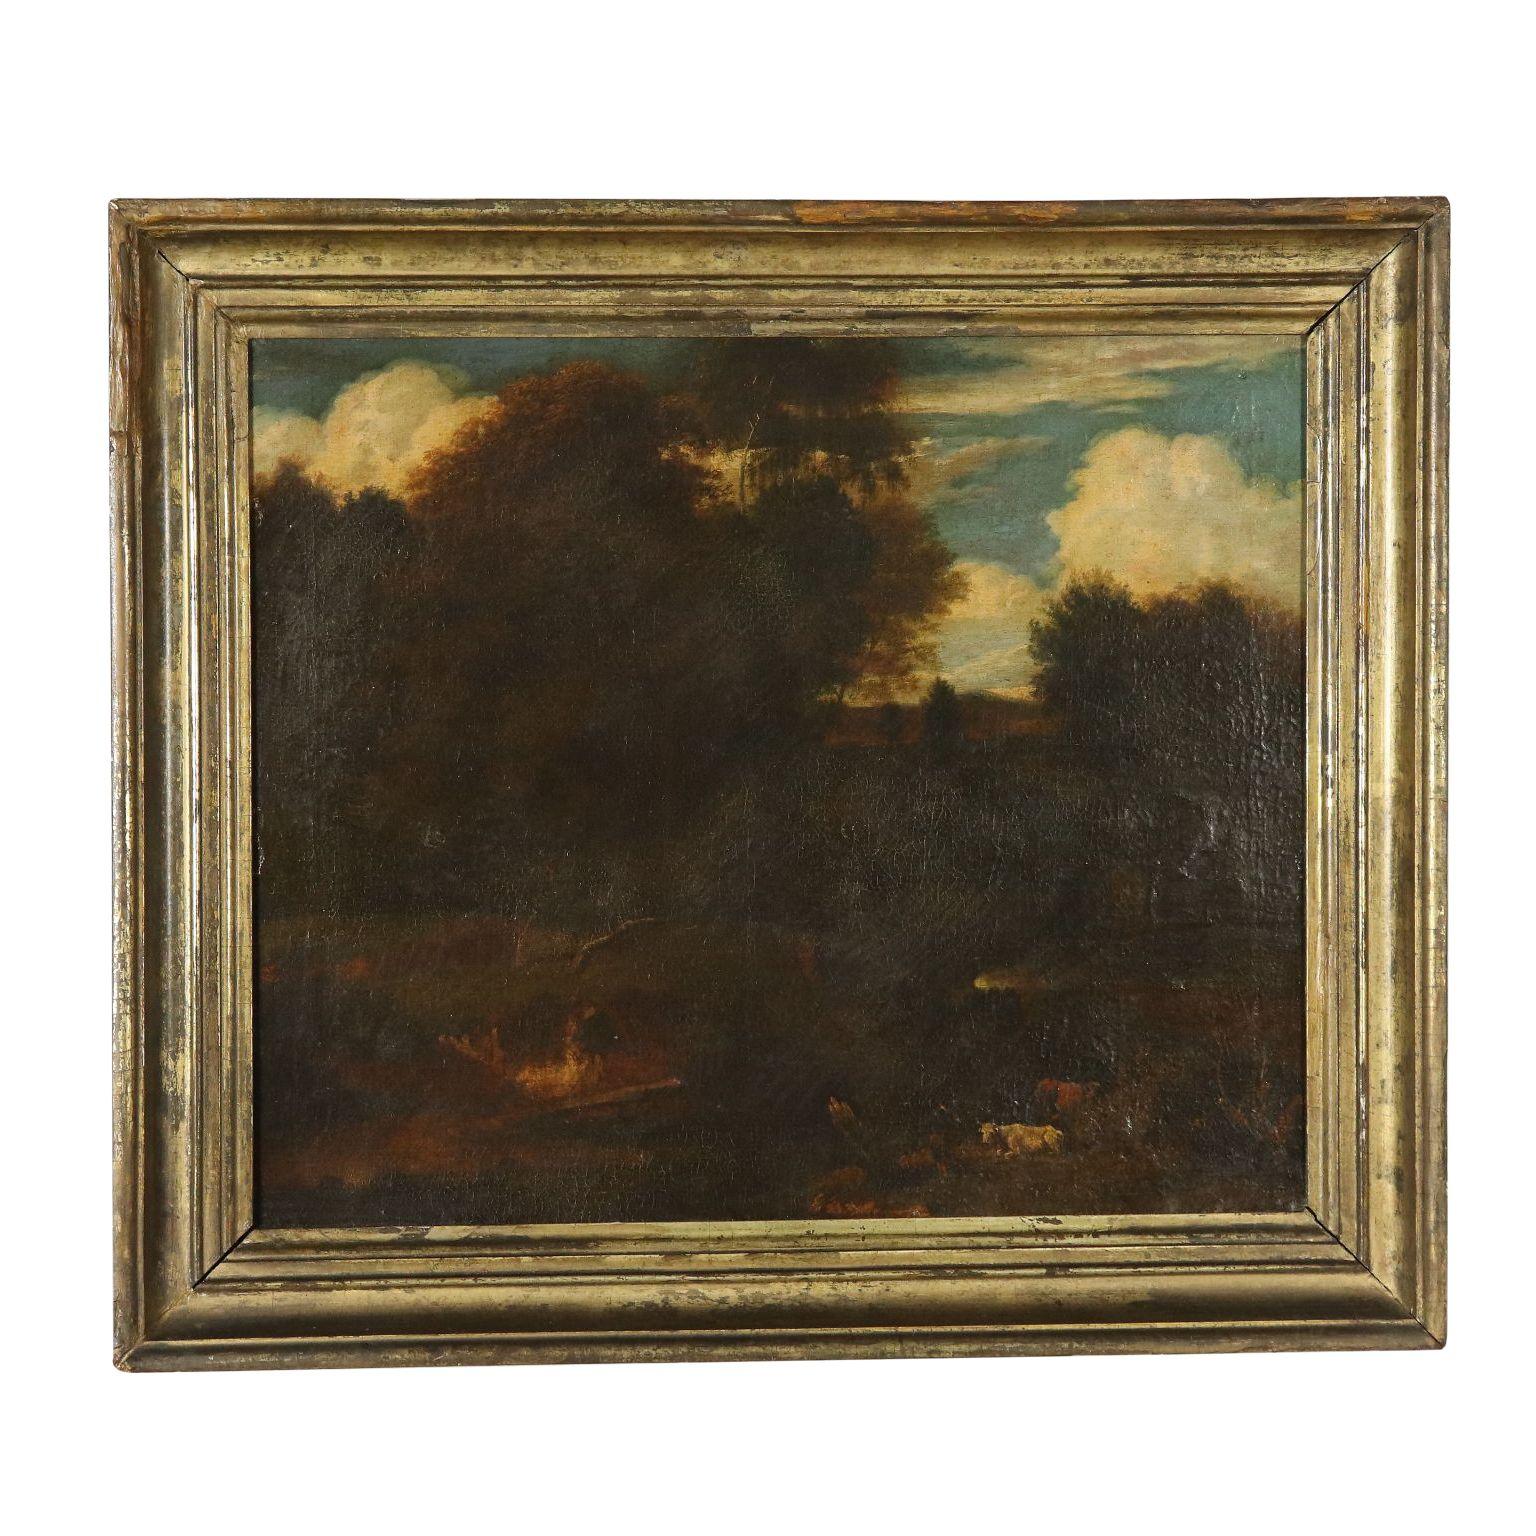 Landschaft mit Hirt und Herde Ölgemälde 18. Jahrhundert #landscapeplans